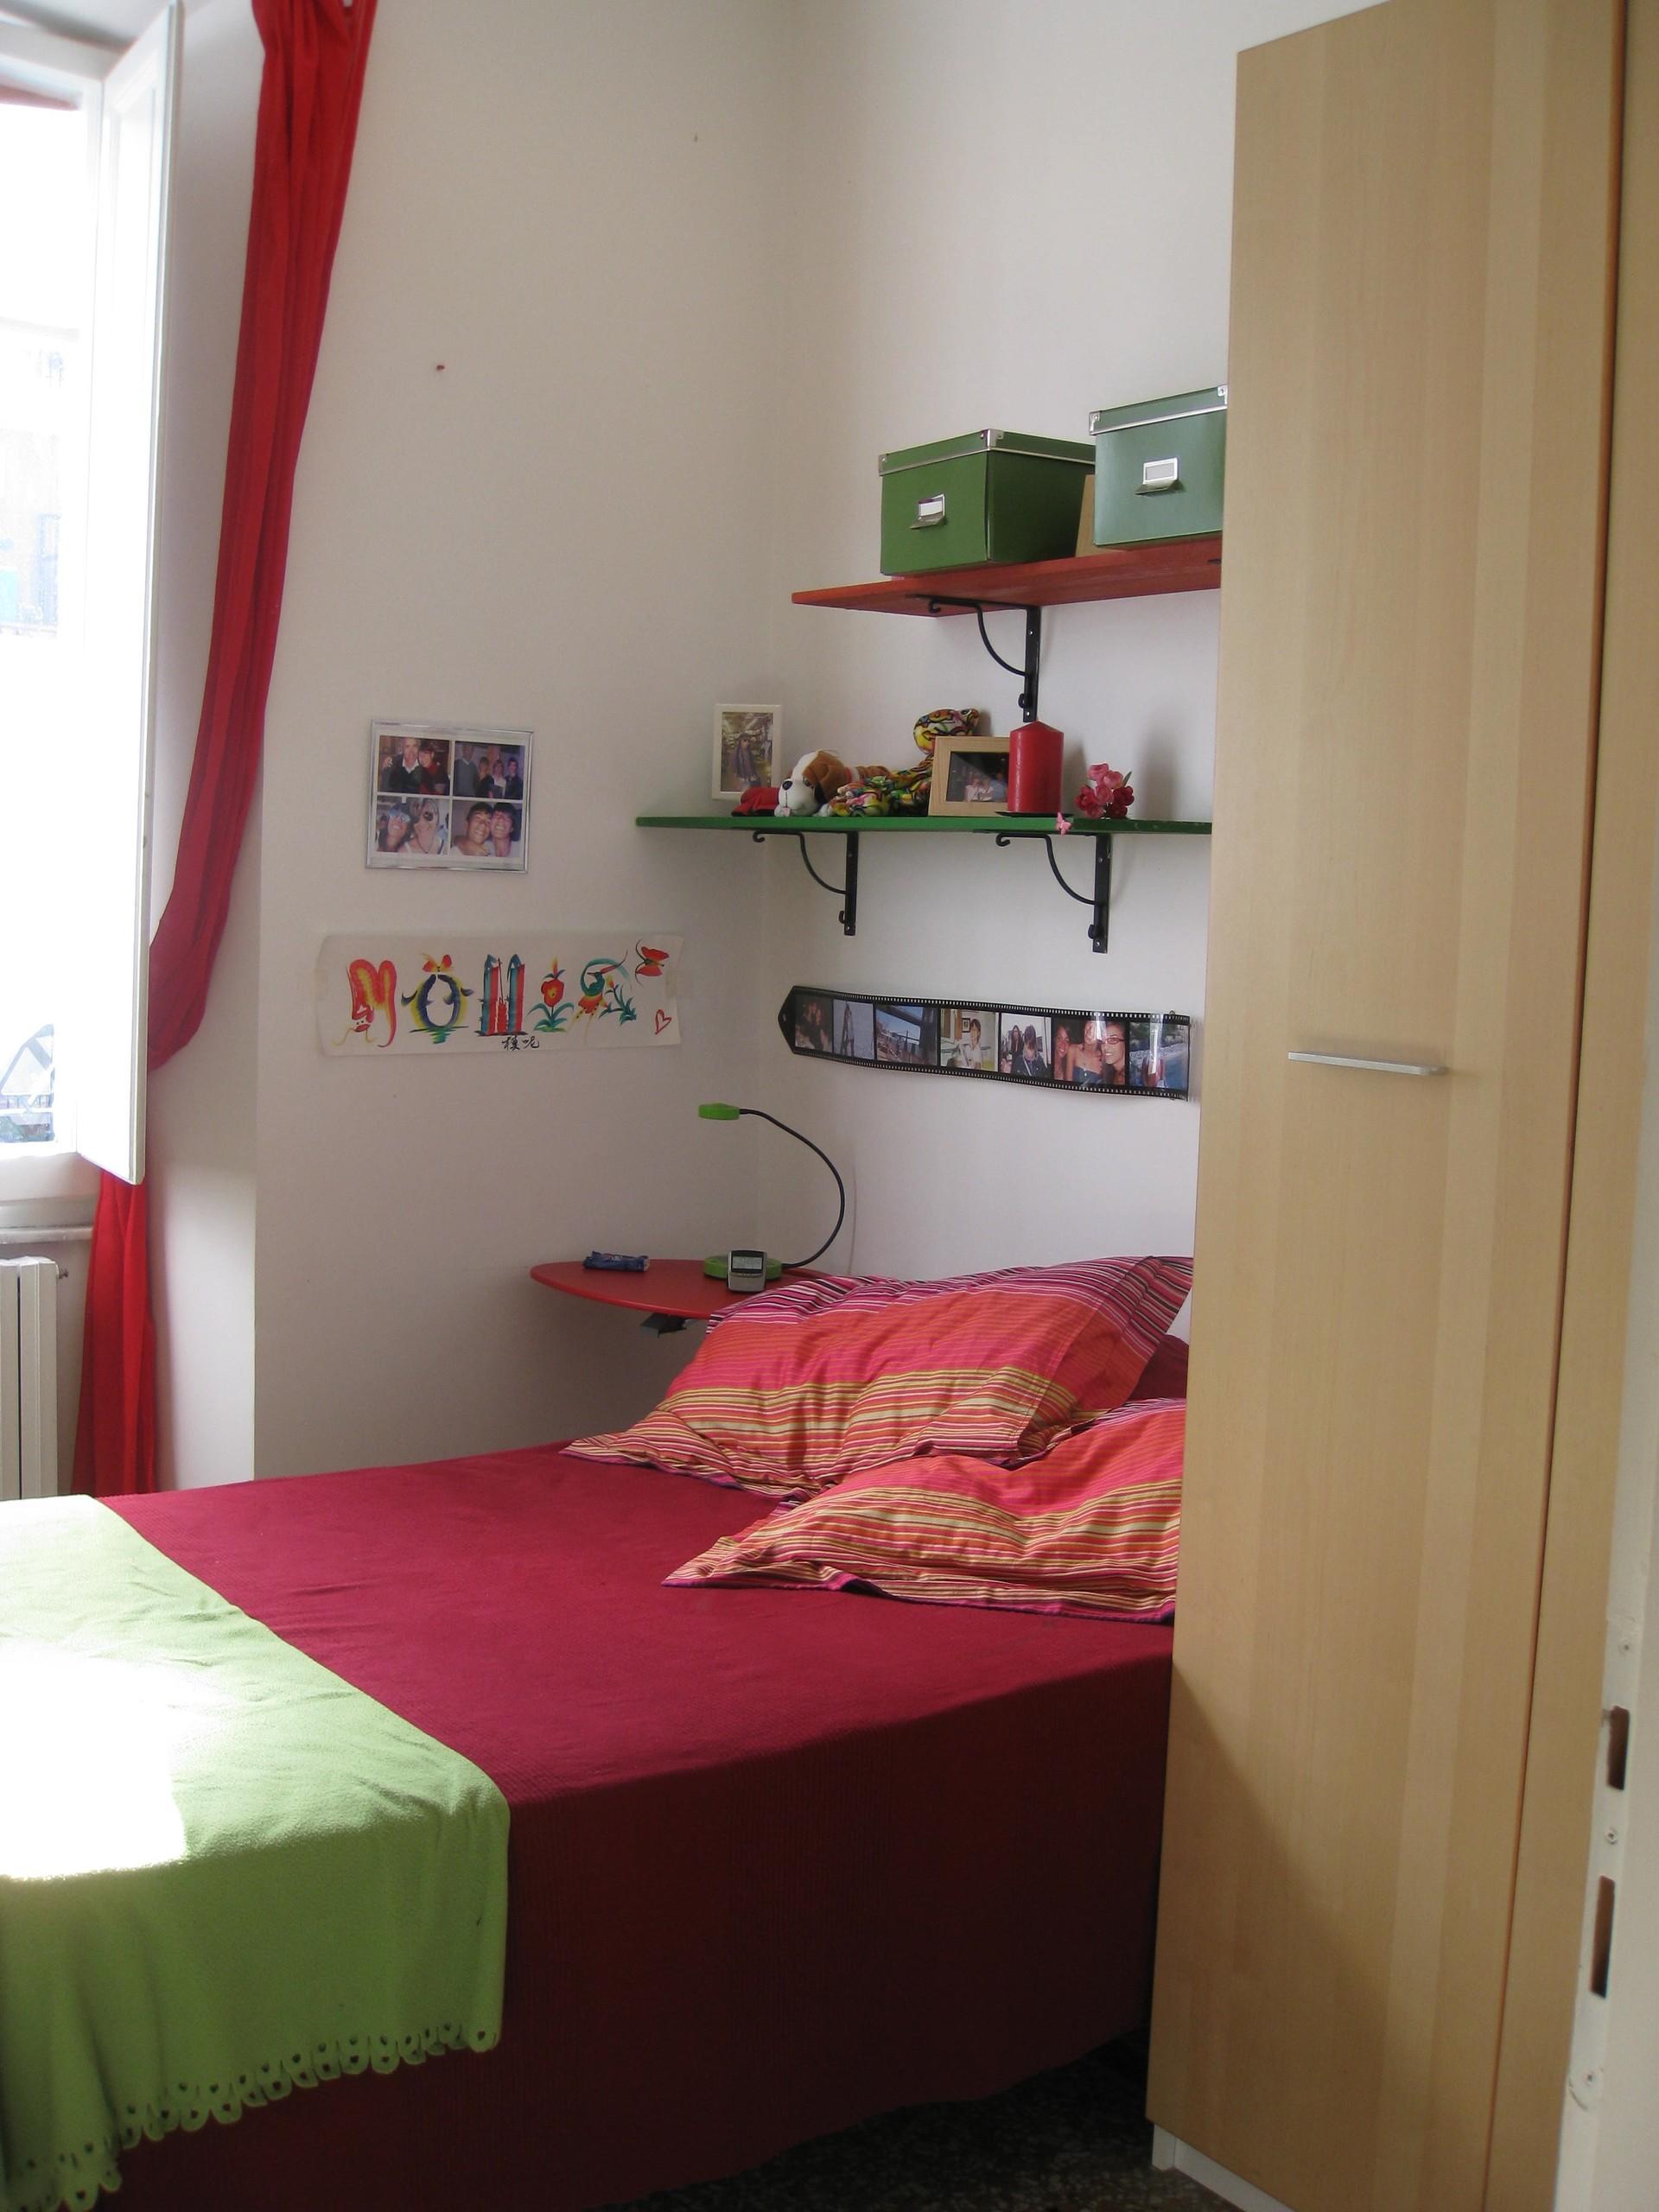 Ostiense roma tre stanze singole con letto ad una piazza e mezza in appartamento da condividere - Letto tre piazze ...